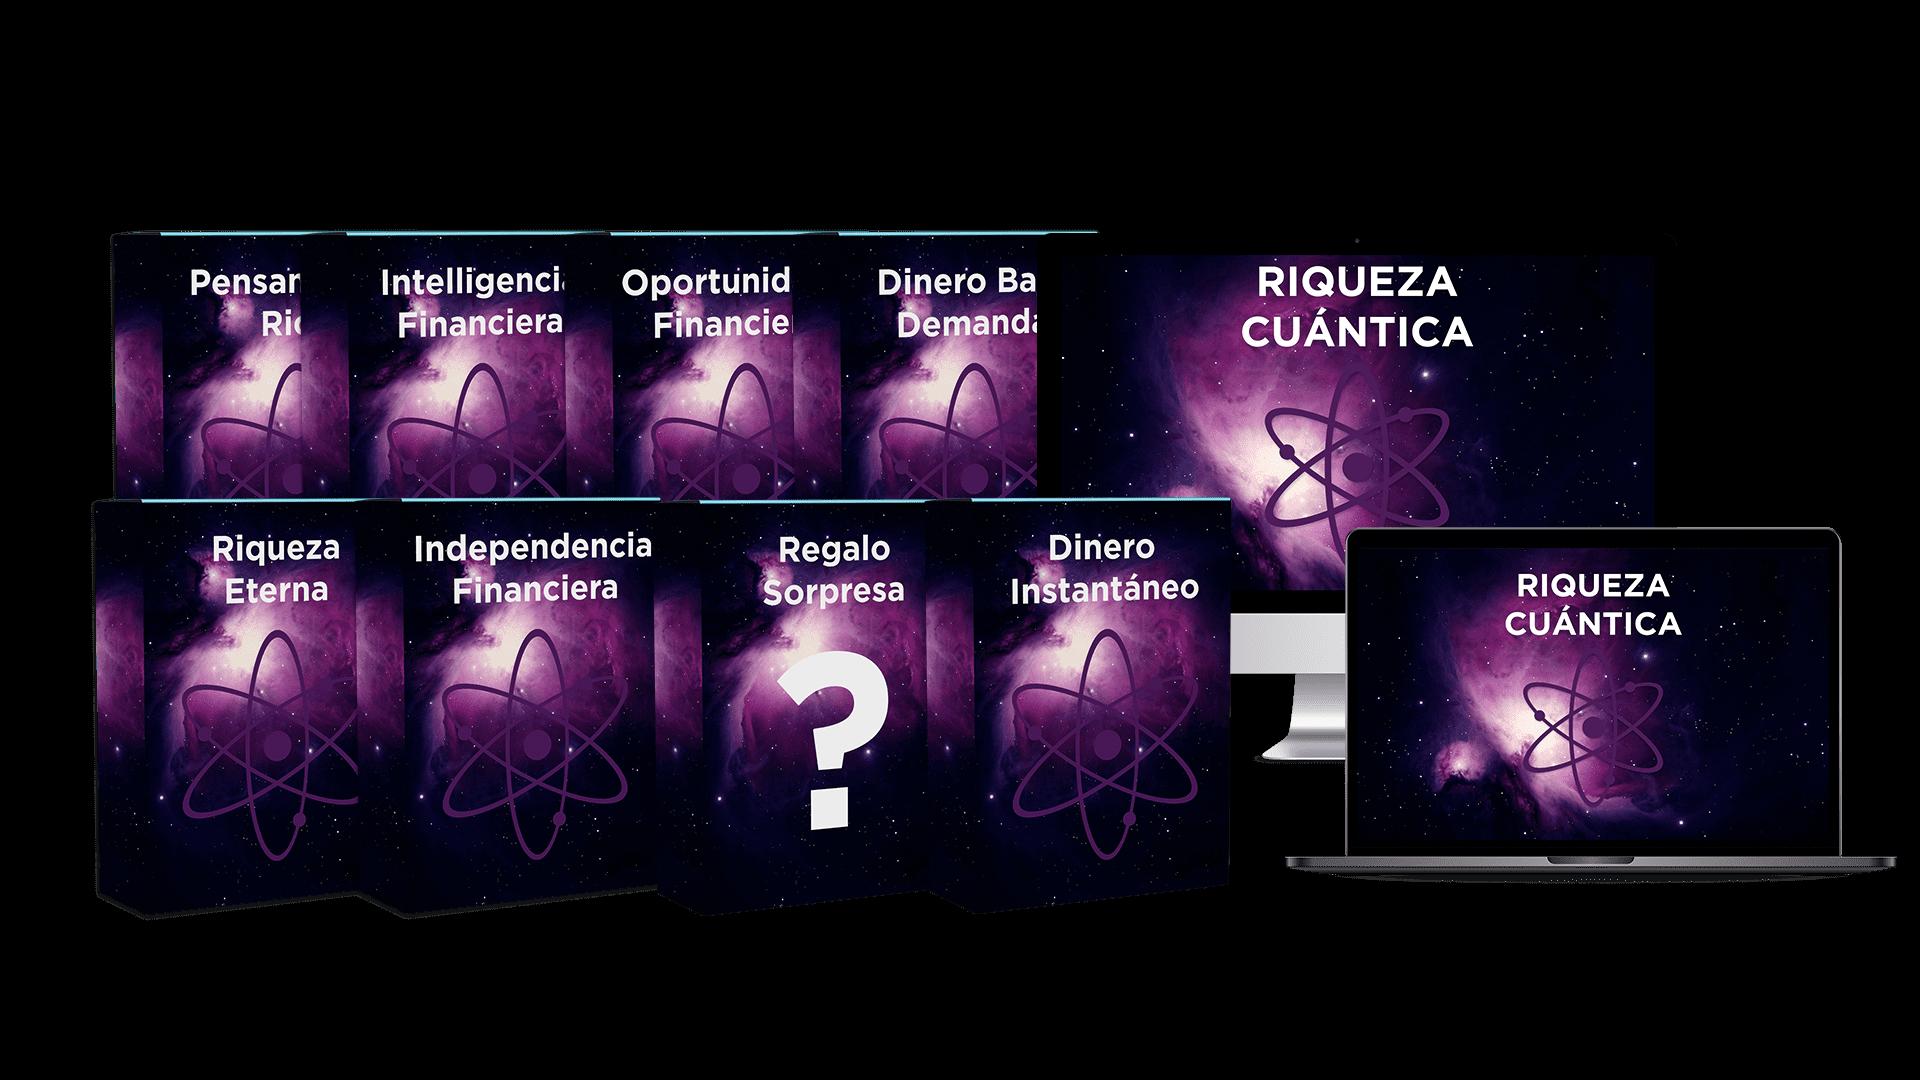 Riqueza Cuantica